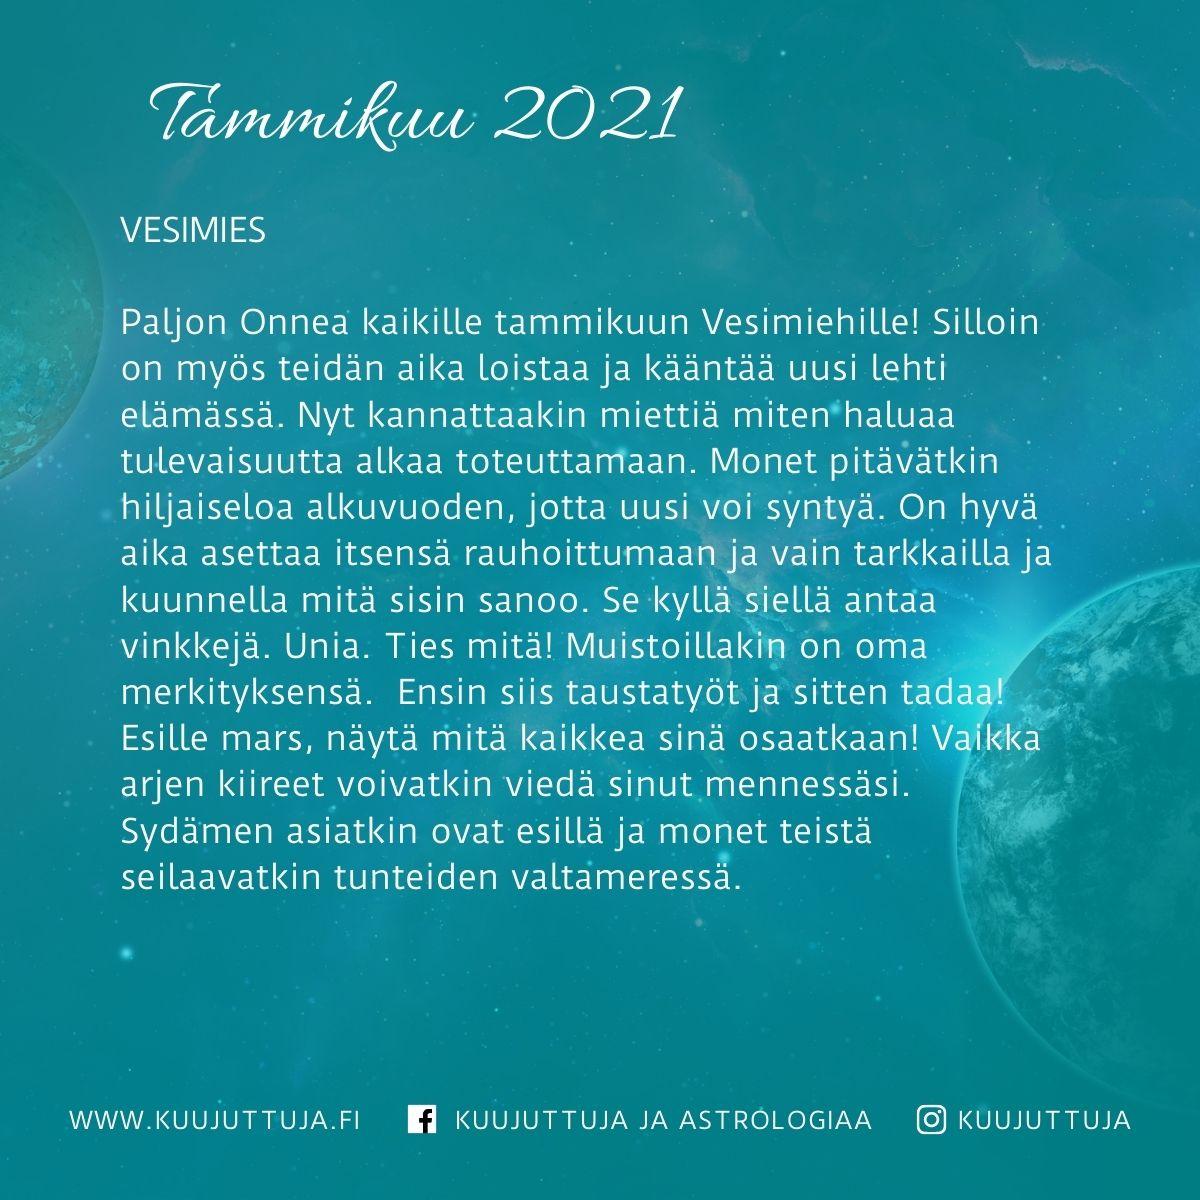 Täysikuu Tammikuu 2021